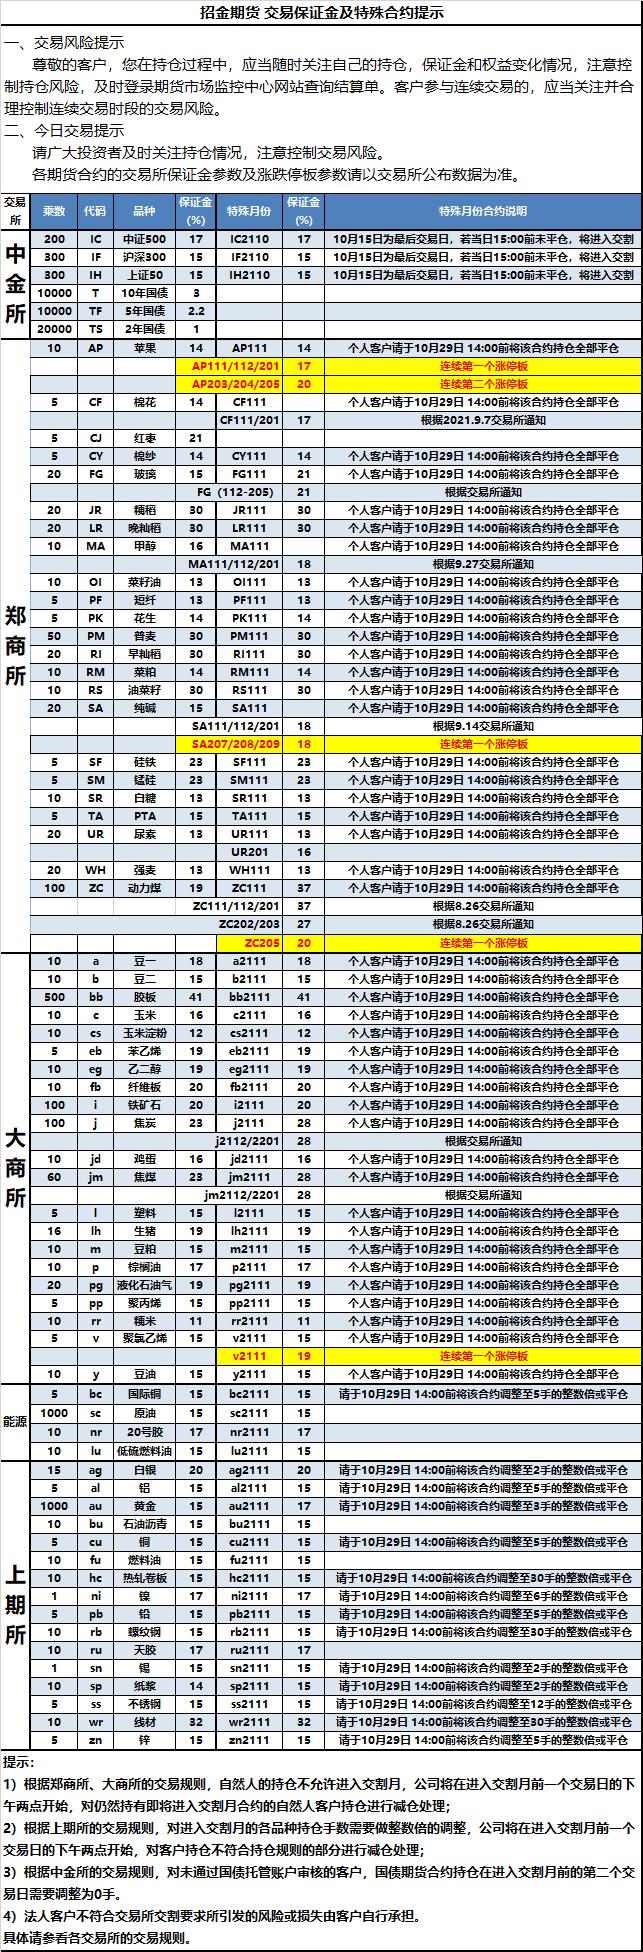 2021-10-13交易保证金